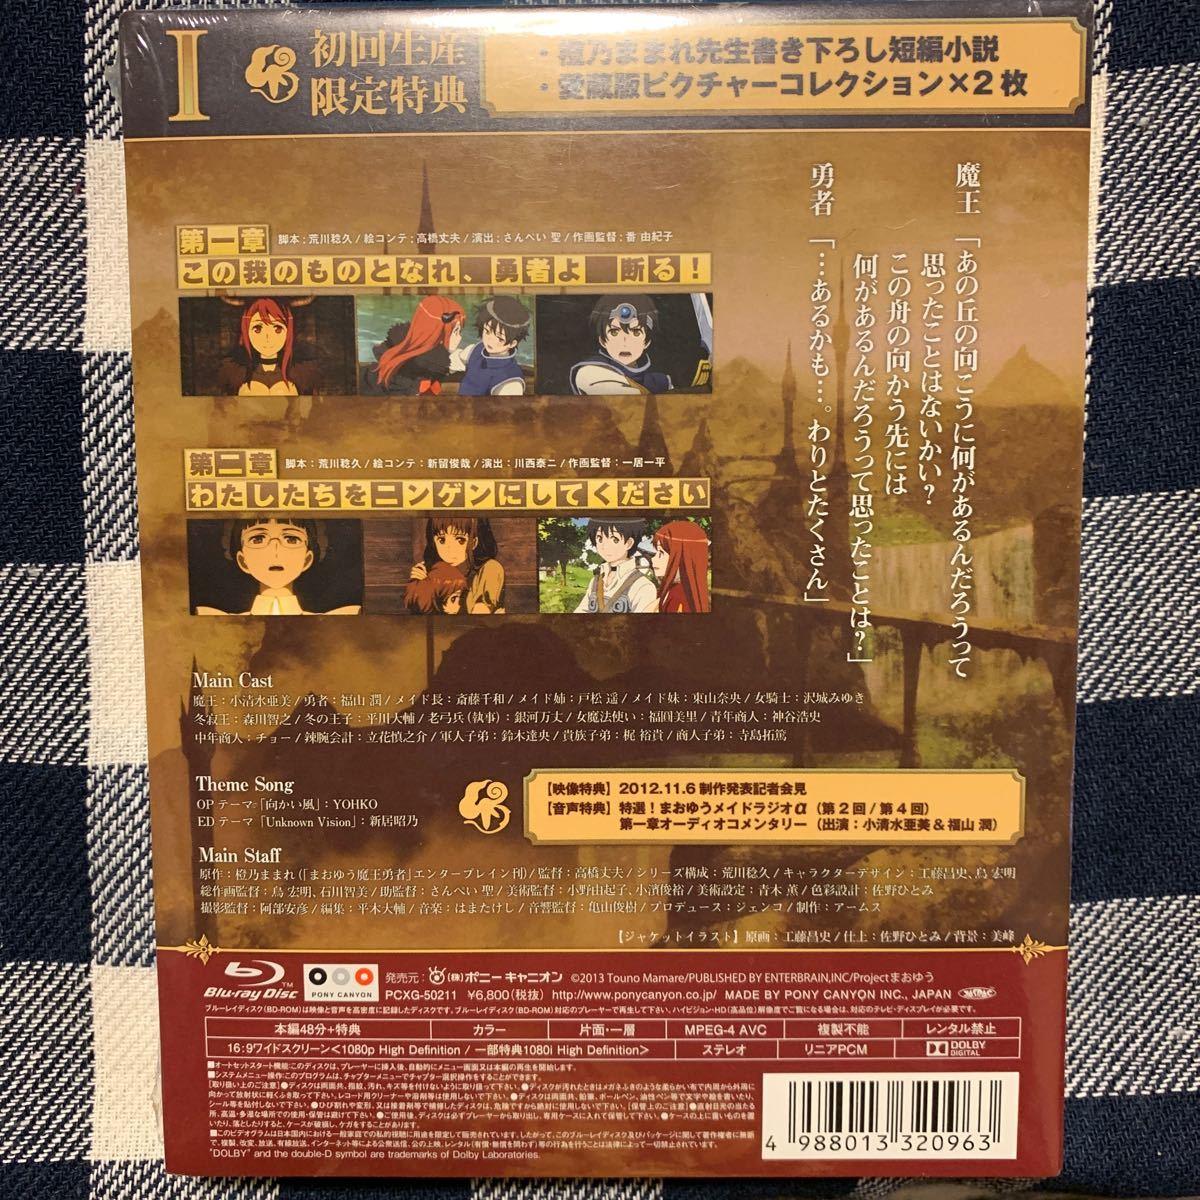 【未開封Blu-ray】 まおゆう魔王勇者 vol.1